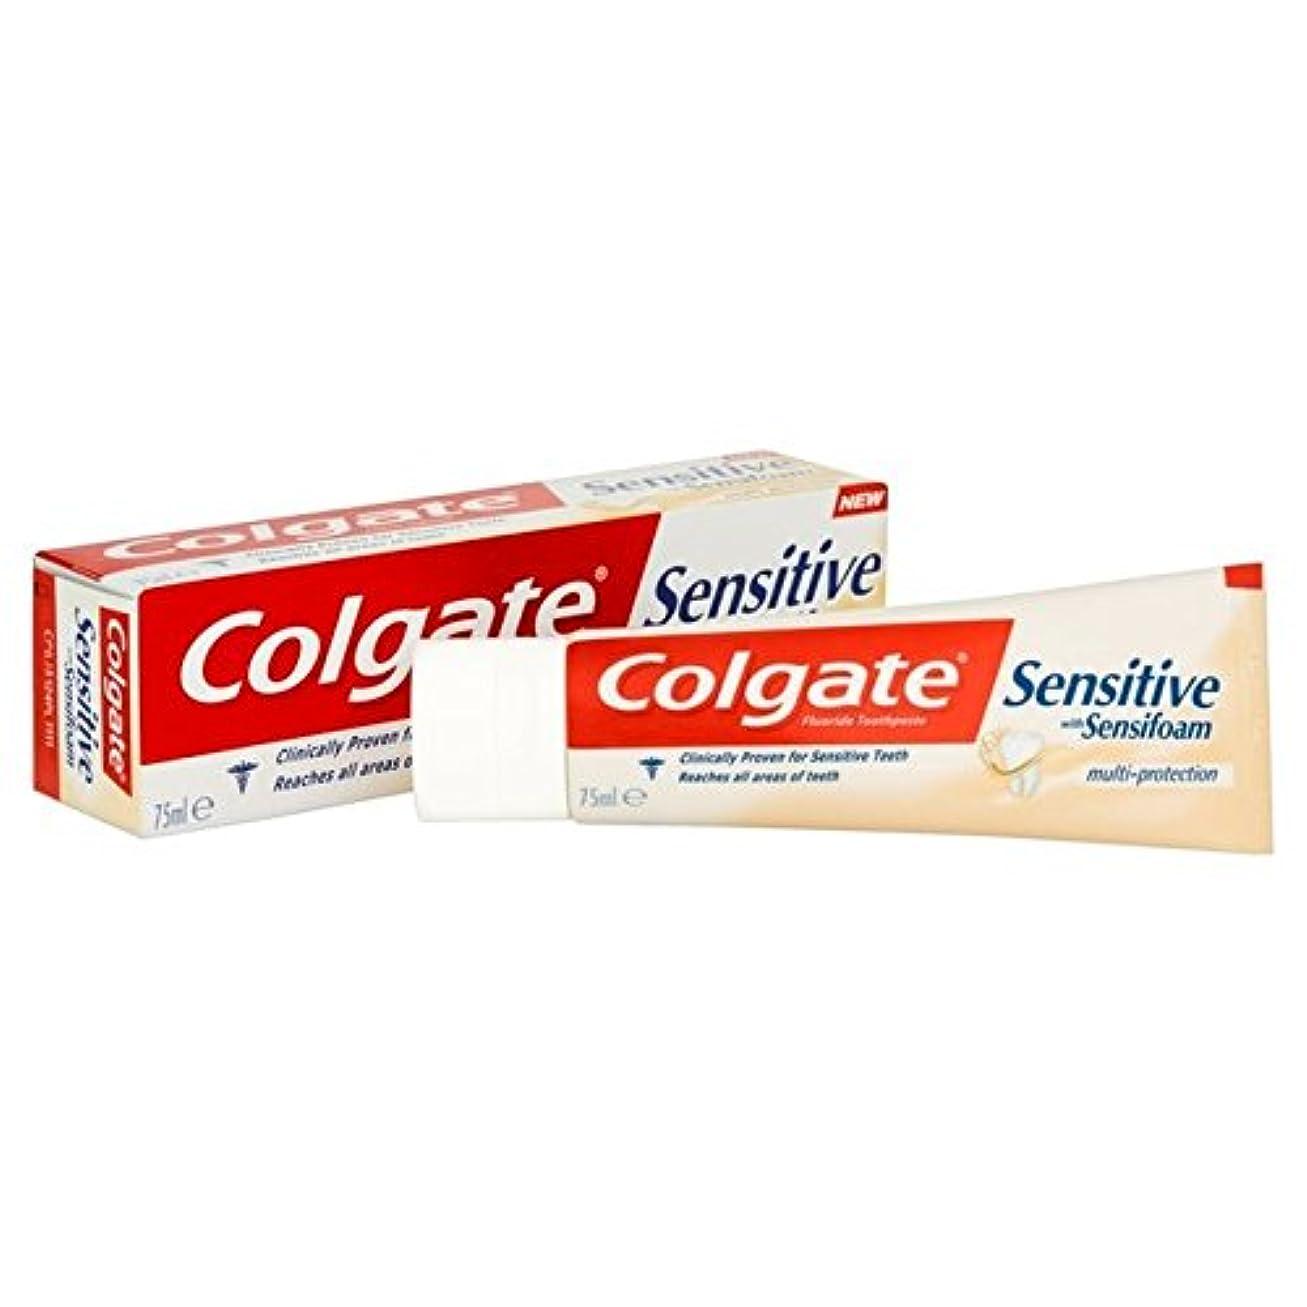 サバント狂信者スリッパColgate Sensitive Foam Multi Protect Toothpaste 75ml - コルゲート敏感な泡は、マルチ歯磨き粉75ミリリットルを保護します [並行輸入品]